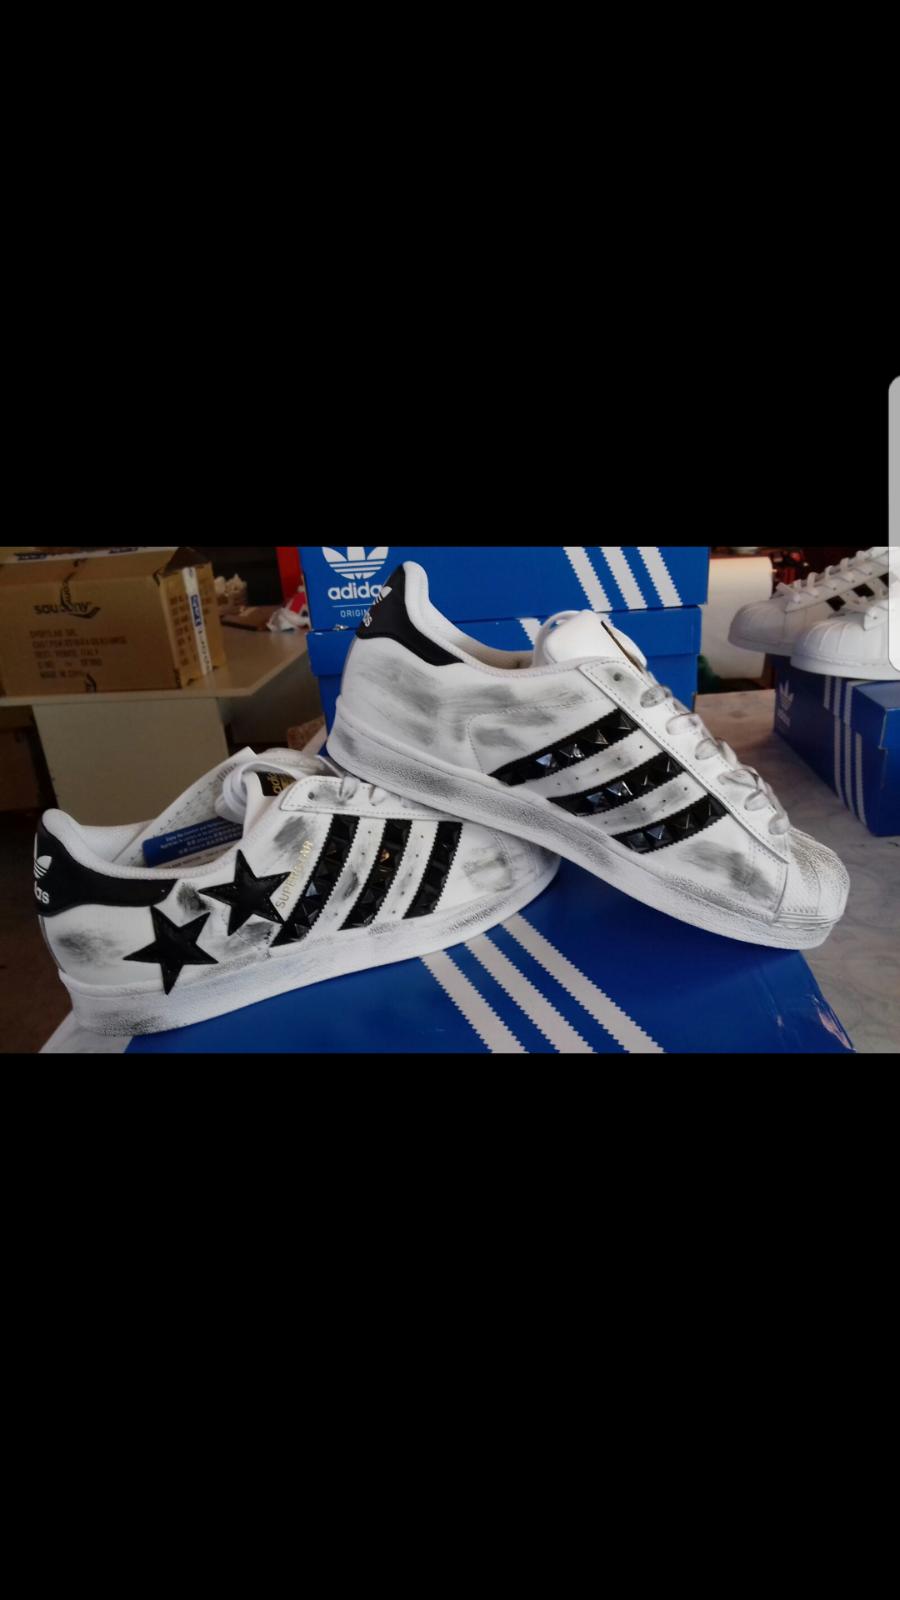 skor Adidas Superstar with Stars & & & Studs More Sporcatura  billigt i hög kvalitet